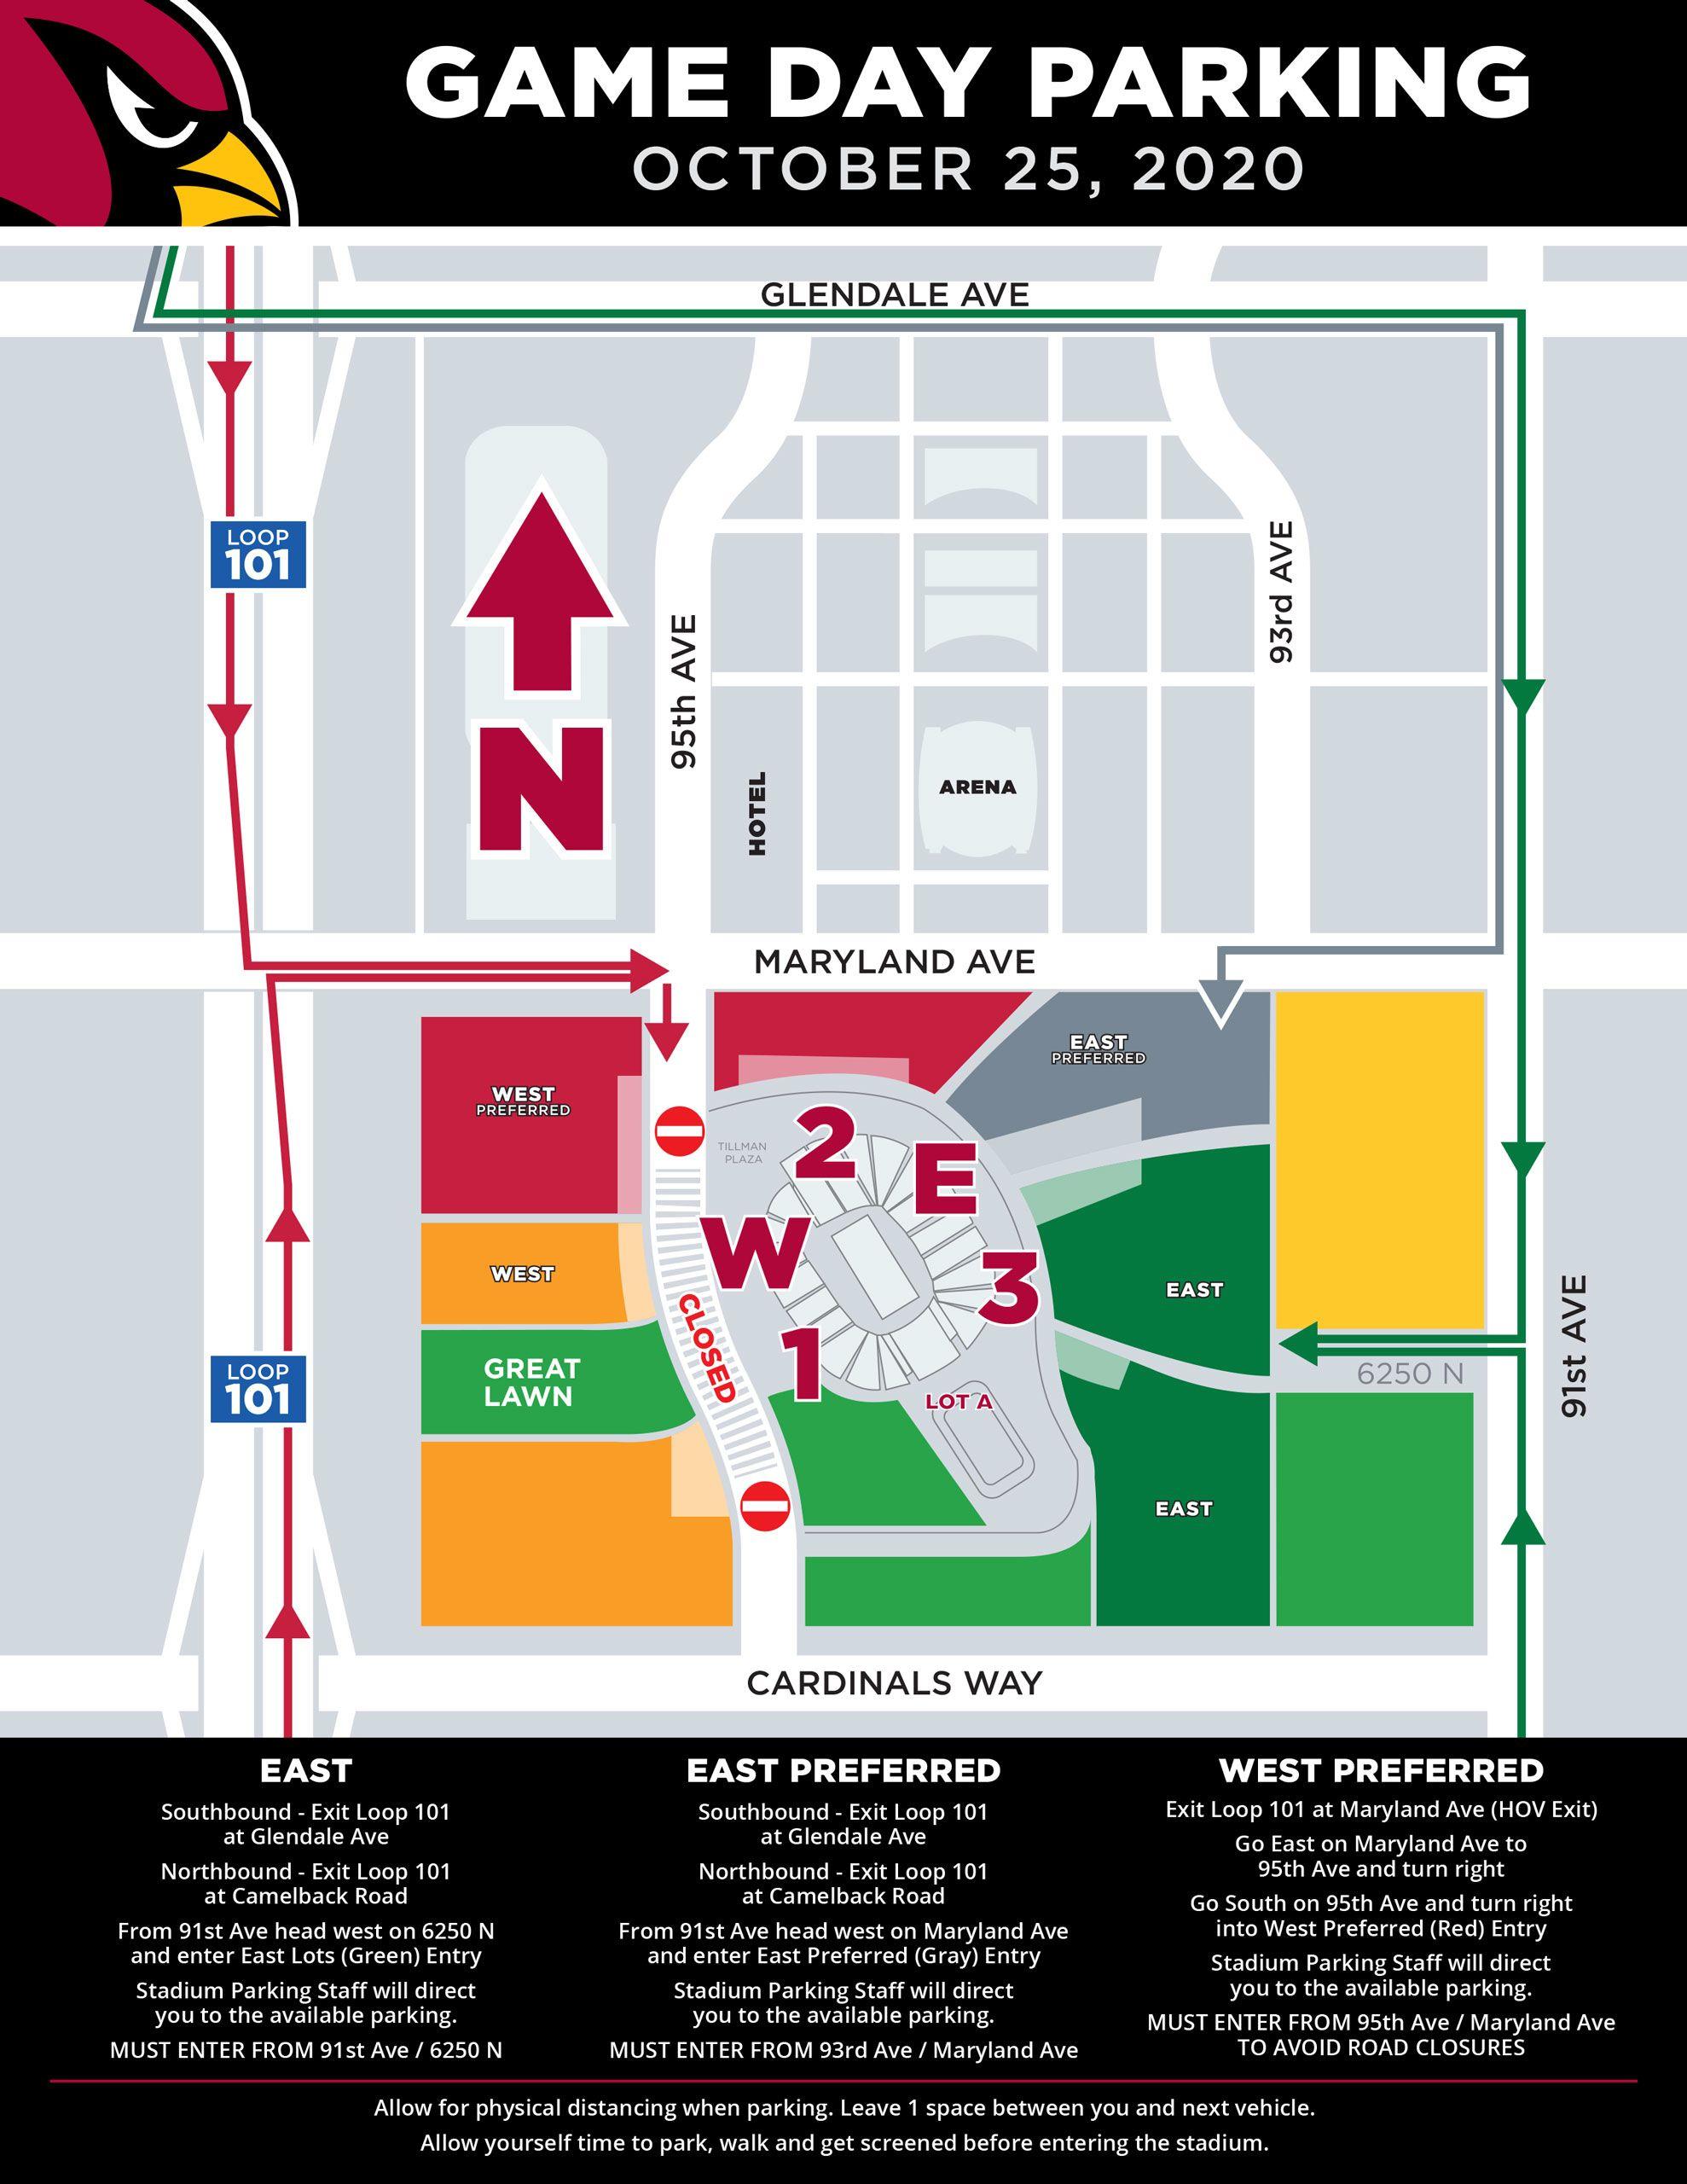 Arizona Cardinals Game Day Parking Map State Farm Stadium October 25, 2020